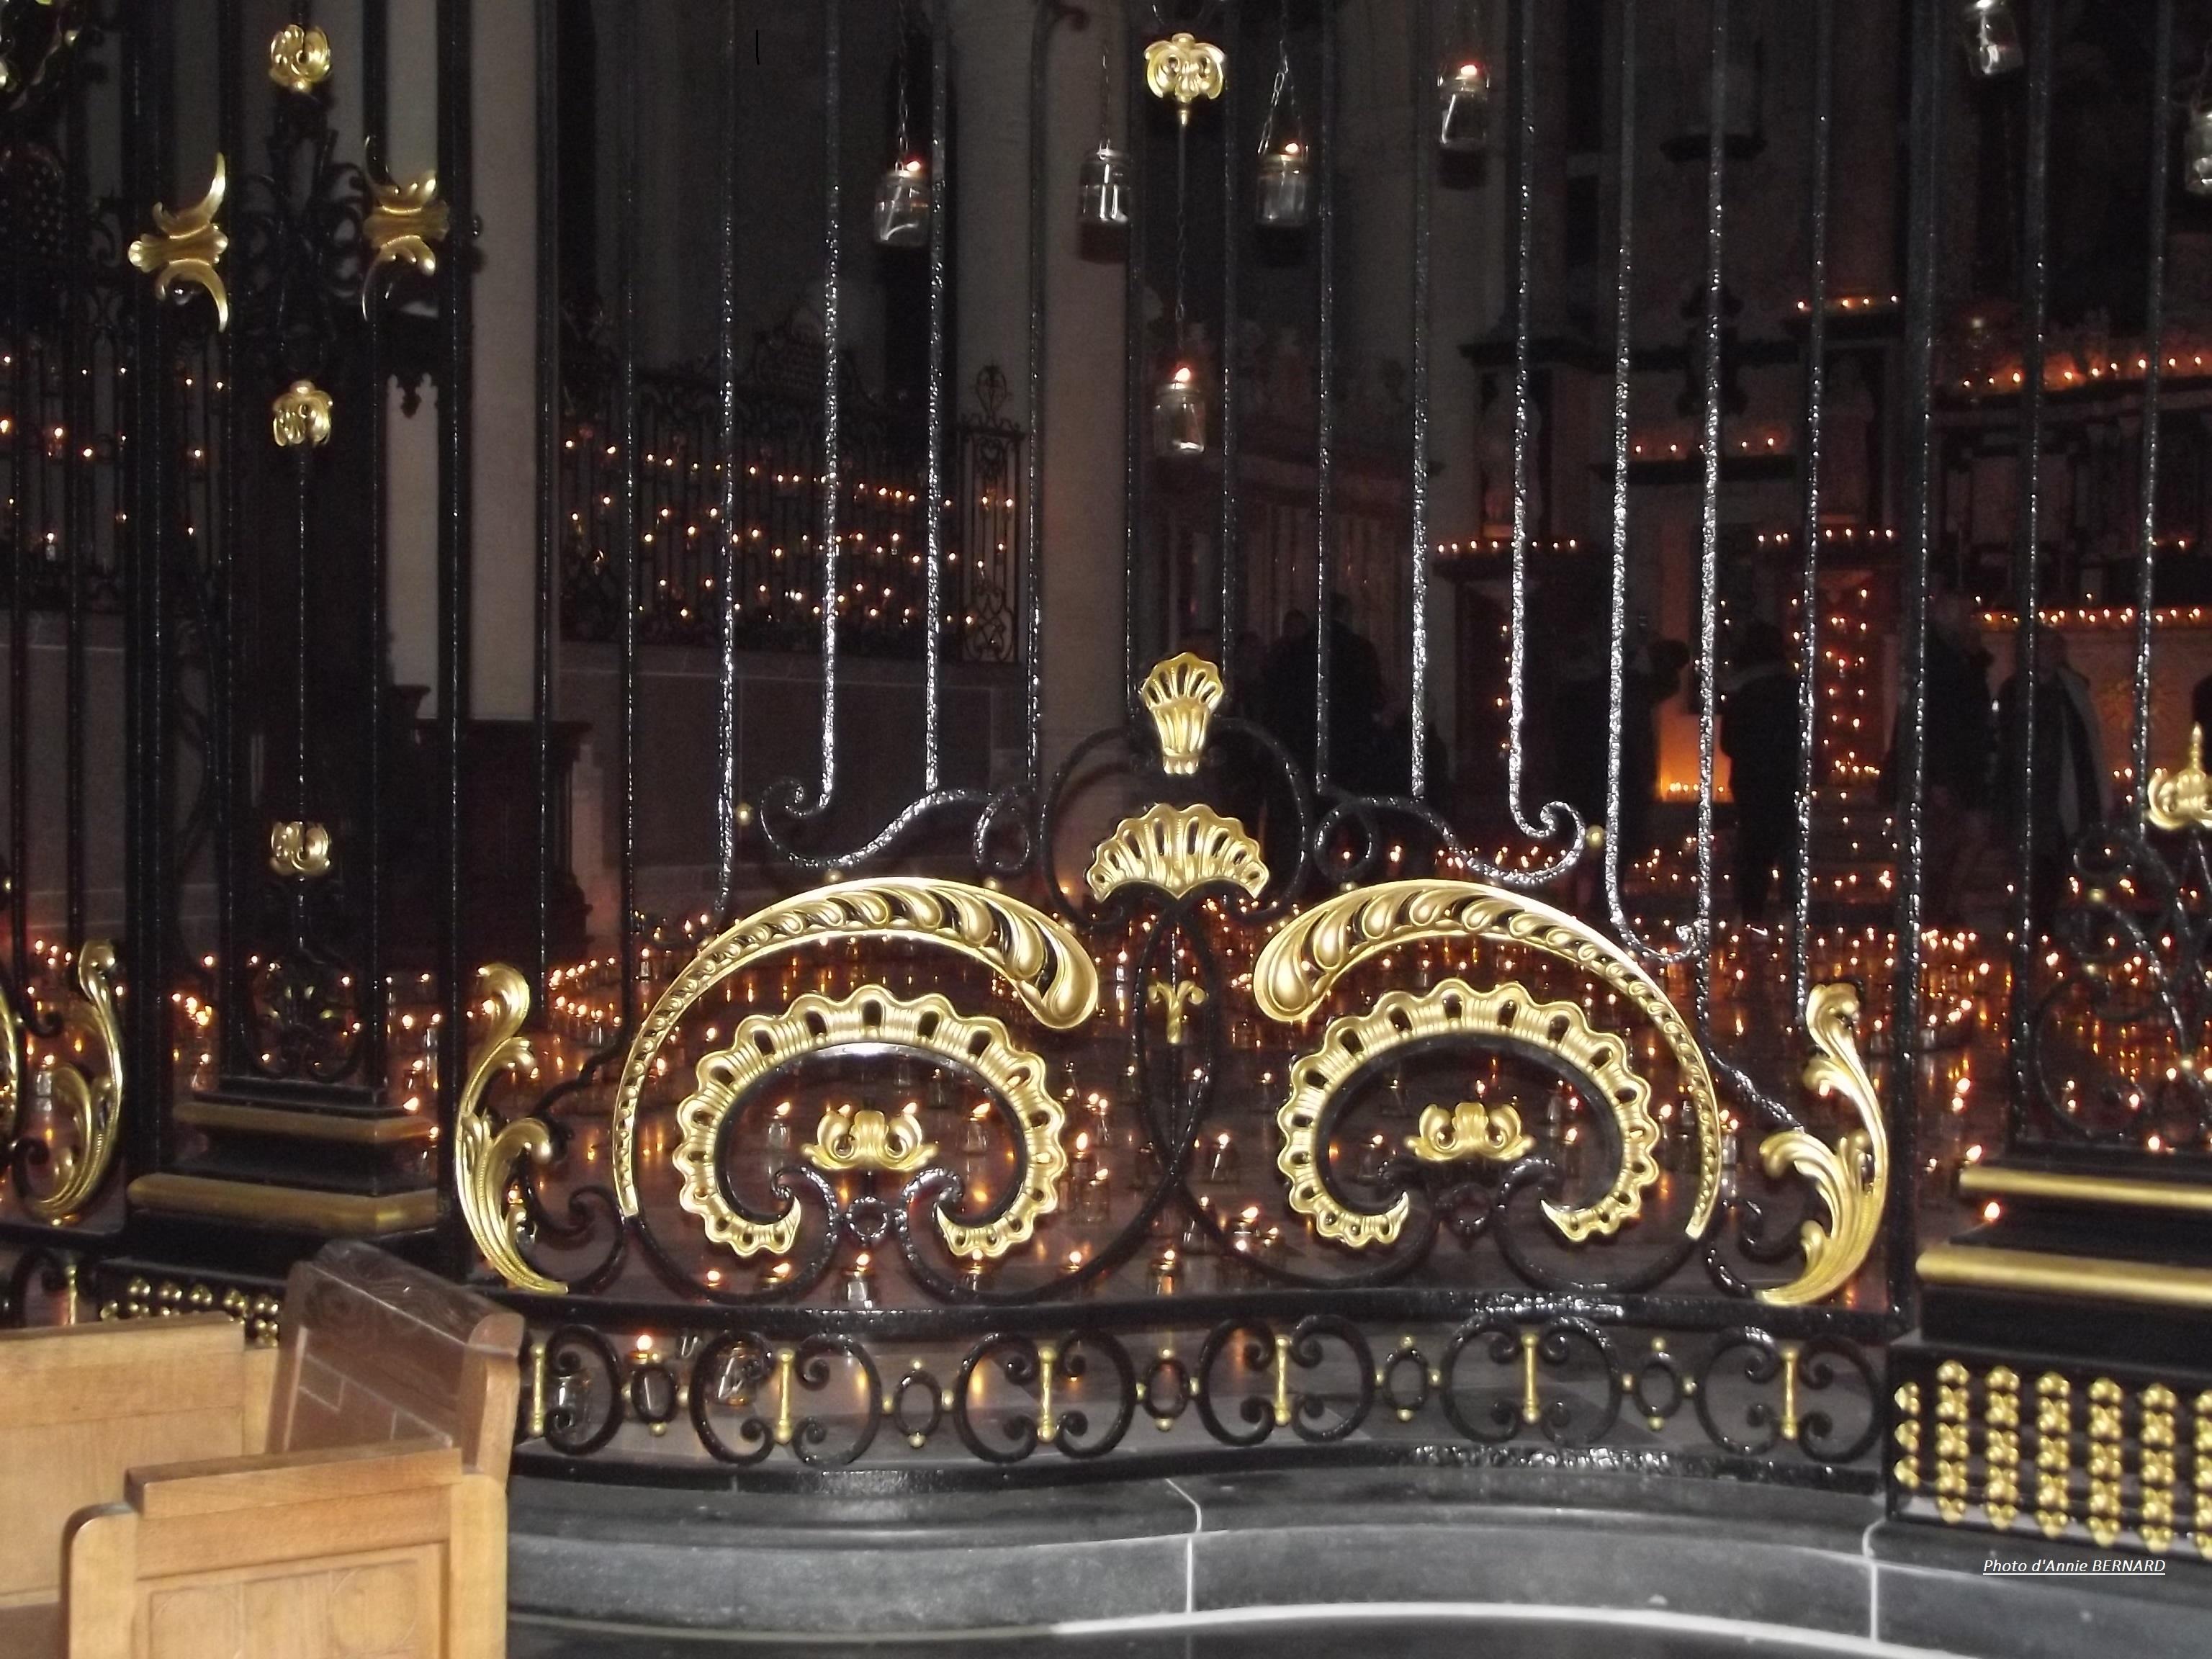 Illuminations dans l'église Notre-Dame de Calais